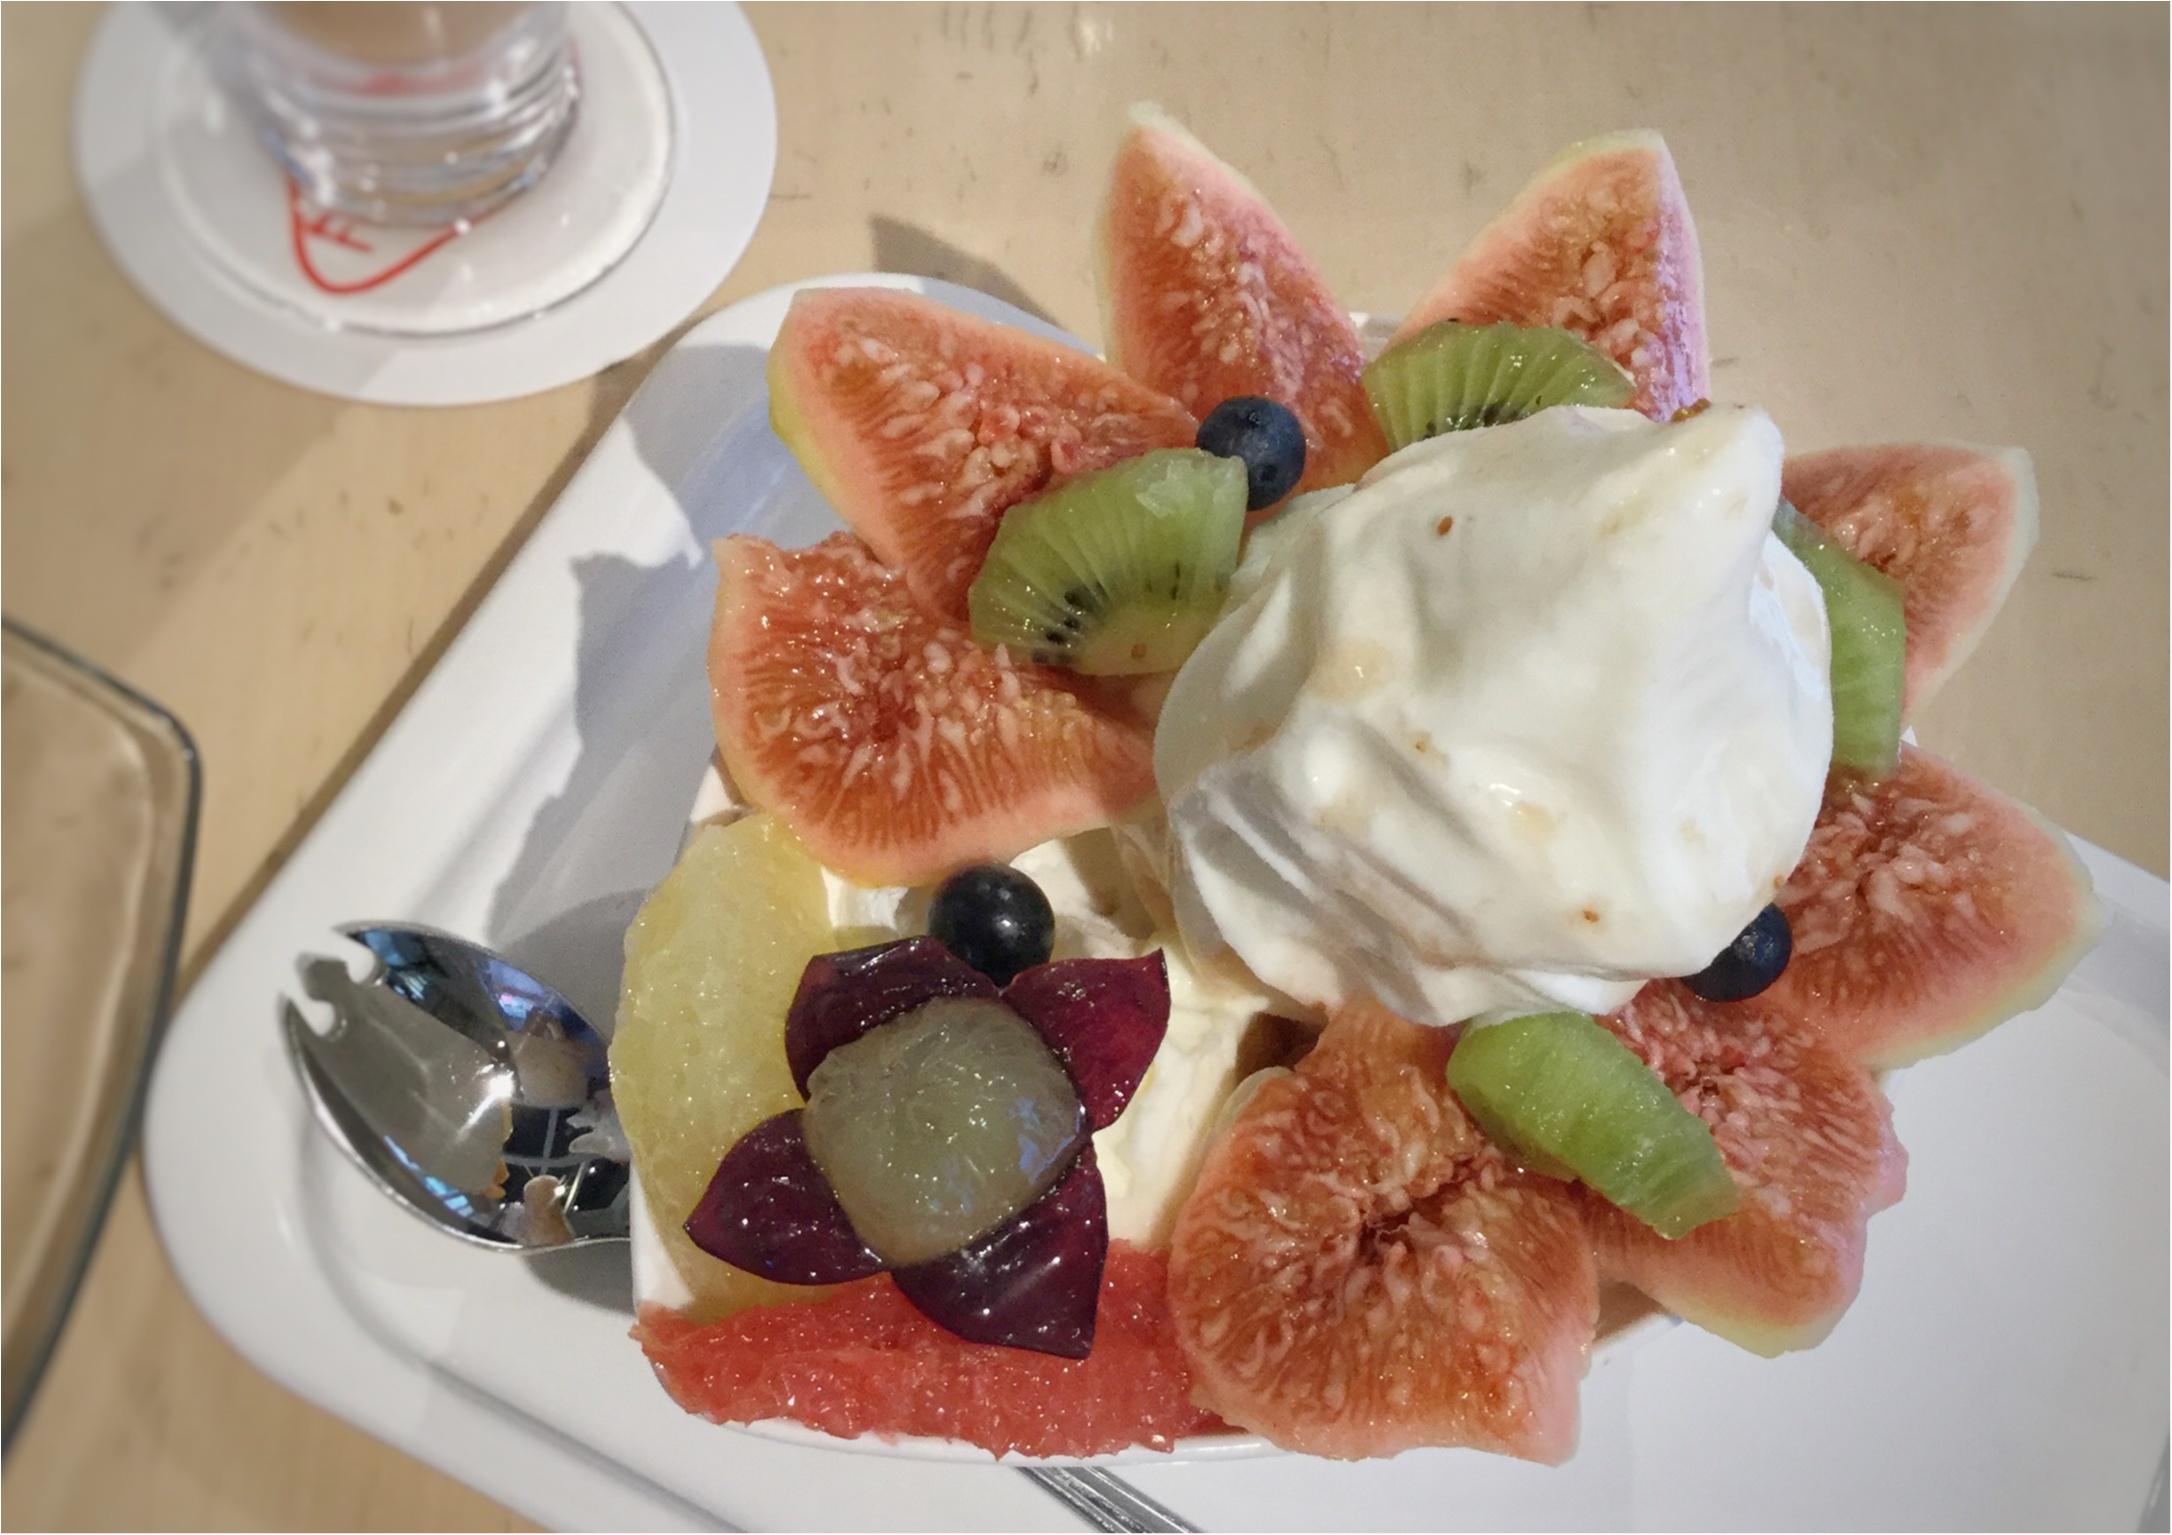 【ご当地スイーツ】広島に来たらやっぱり立ち寄りたい《Fruit Cafe TAMARU(タマル)》名物パフェ&季節限定いちじくパフェを召し上がれ♡_3